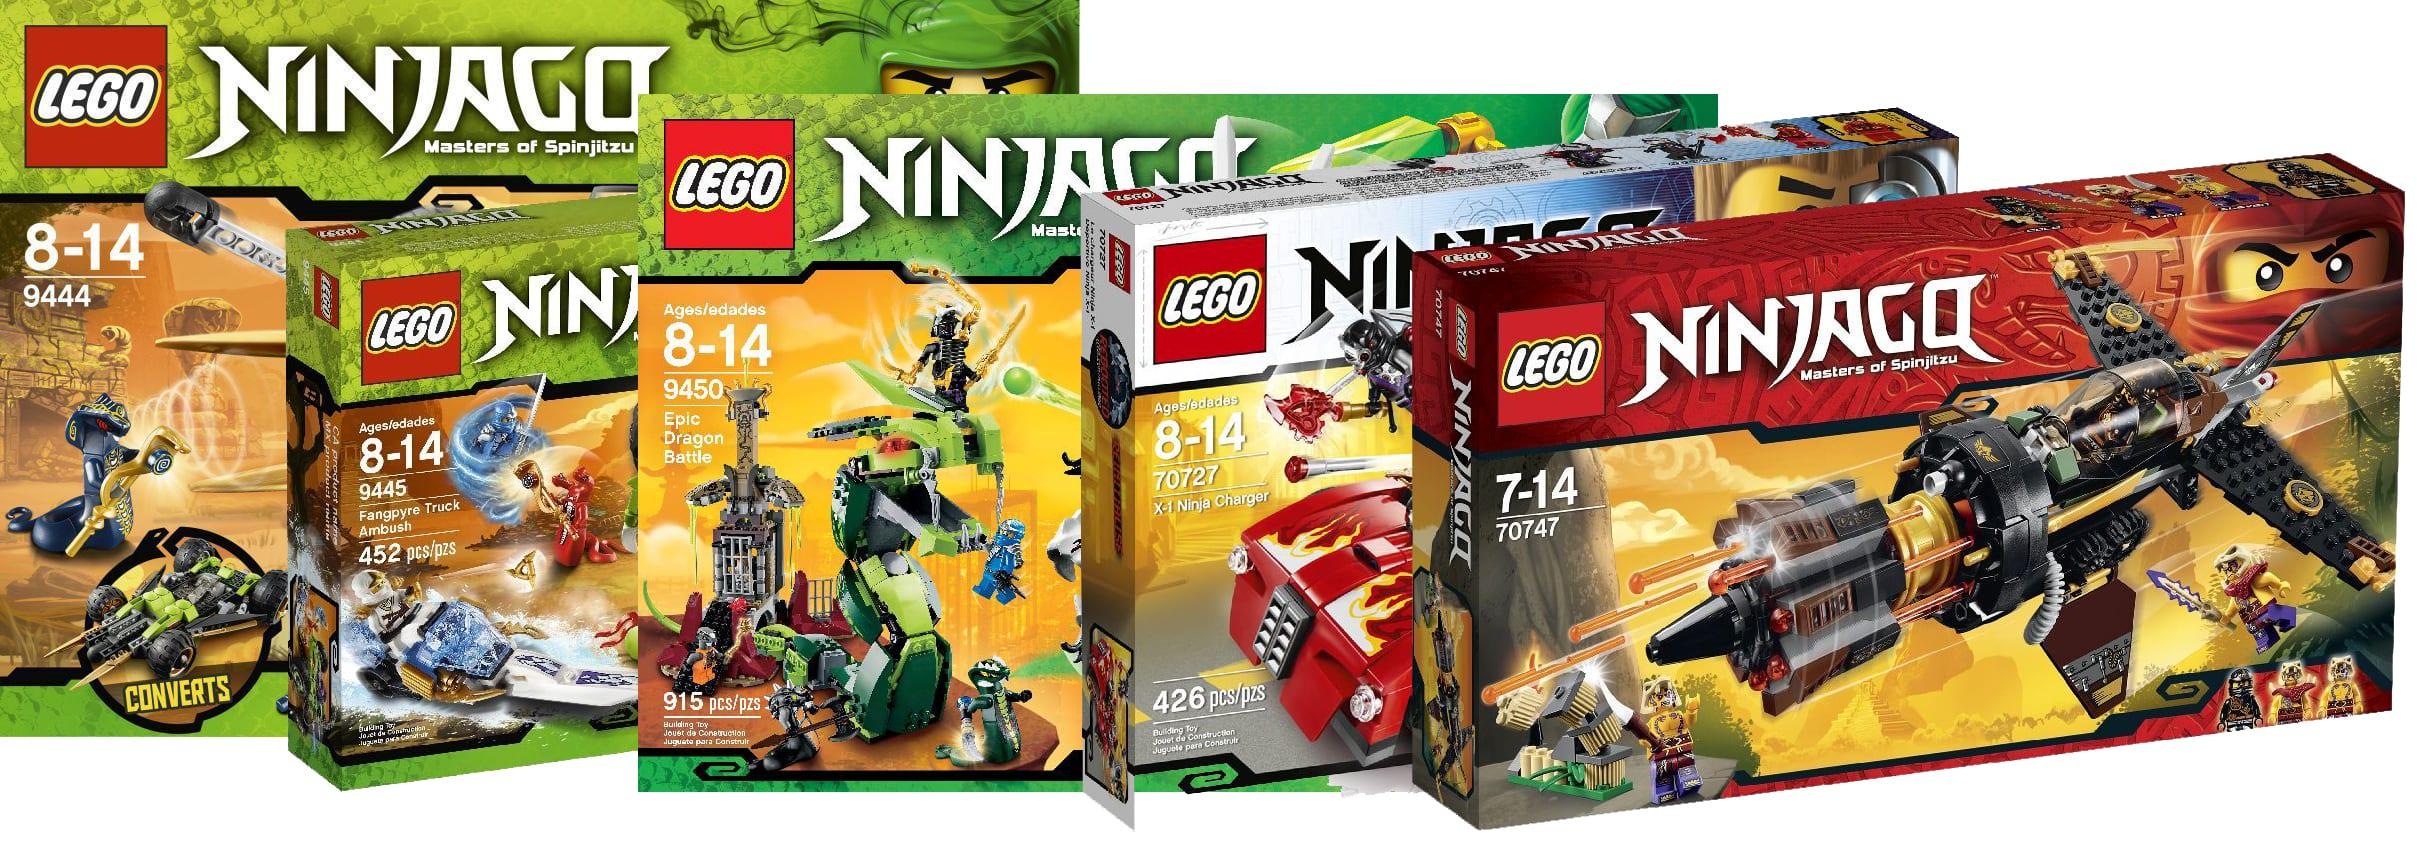 Prototipi LEGO Ninjago, le immagini dei prototipi e la versione finale di alcuni set del tema